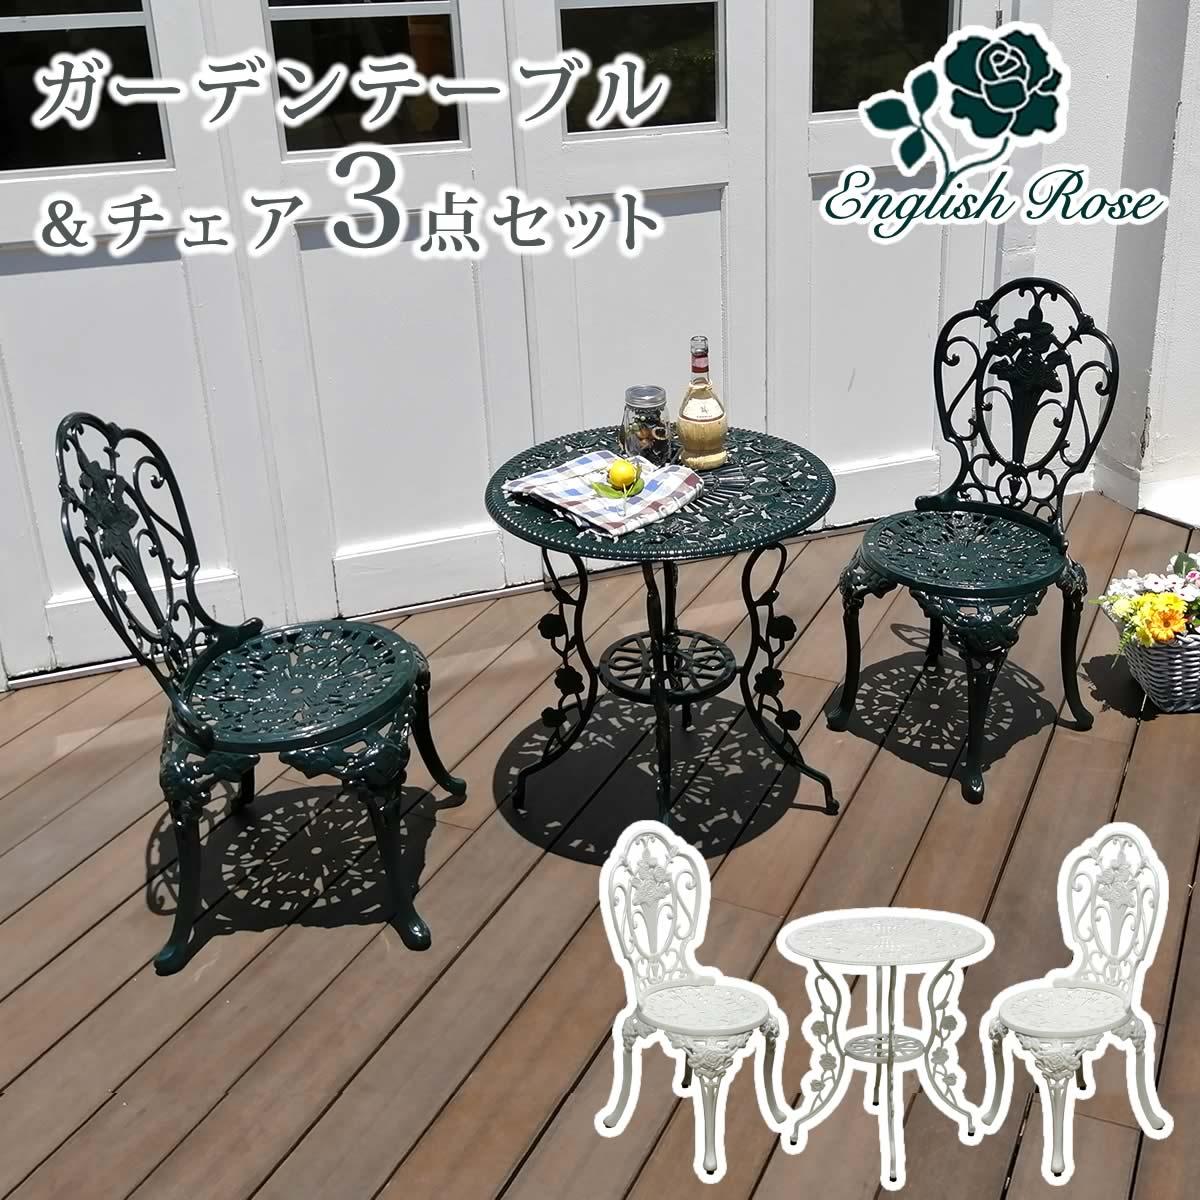 ガーデンテーブル&チェア3点セット アルミ製 ダークグリーン ホワイト 庭 アルミ アンティーク クラシカル イングリッシュガーデン ファニチャー ガーデン チェア